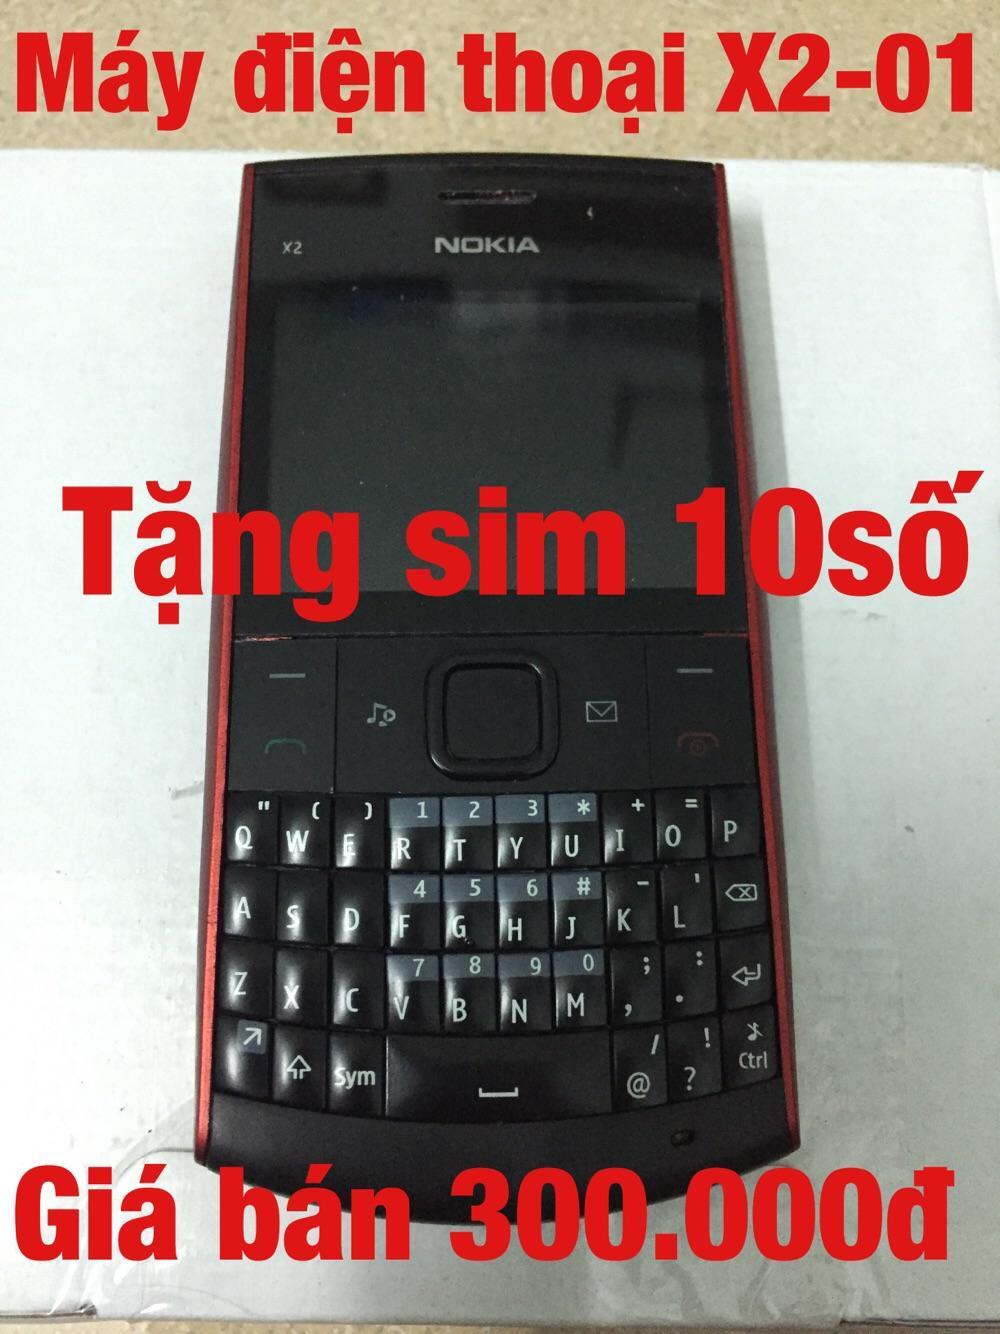 Máy điện thoại X2-01